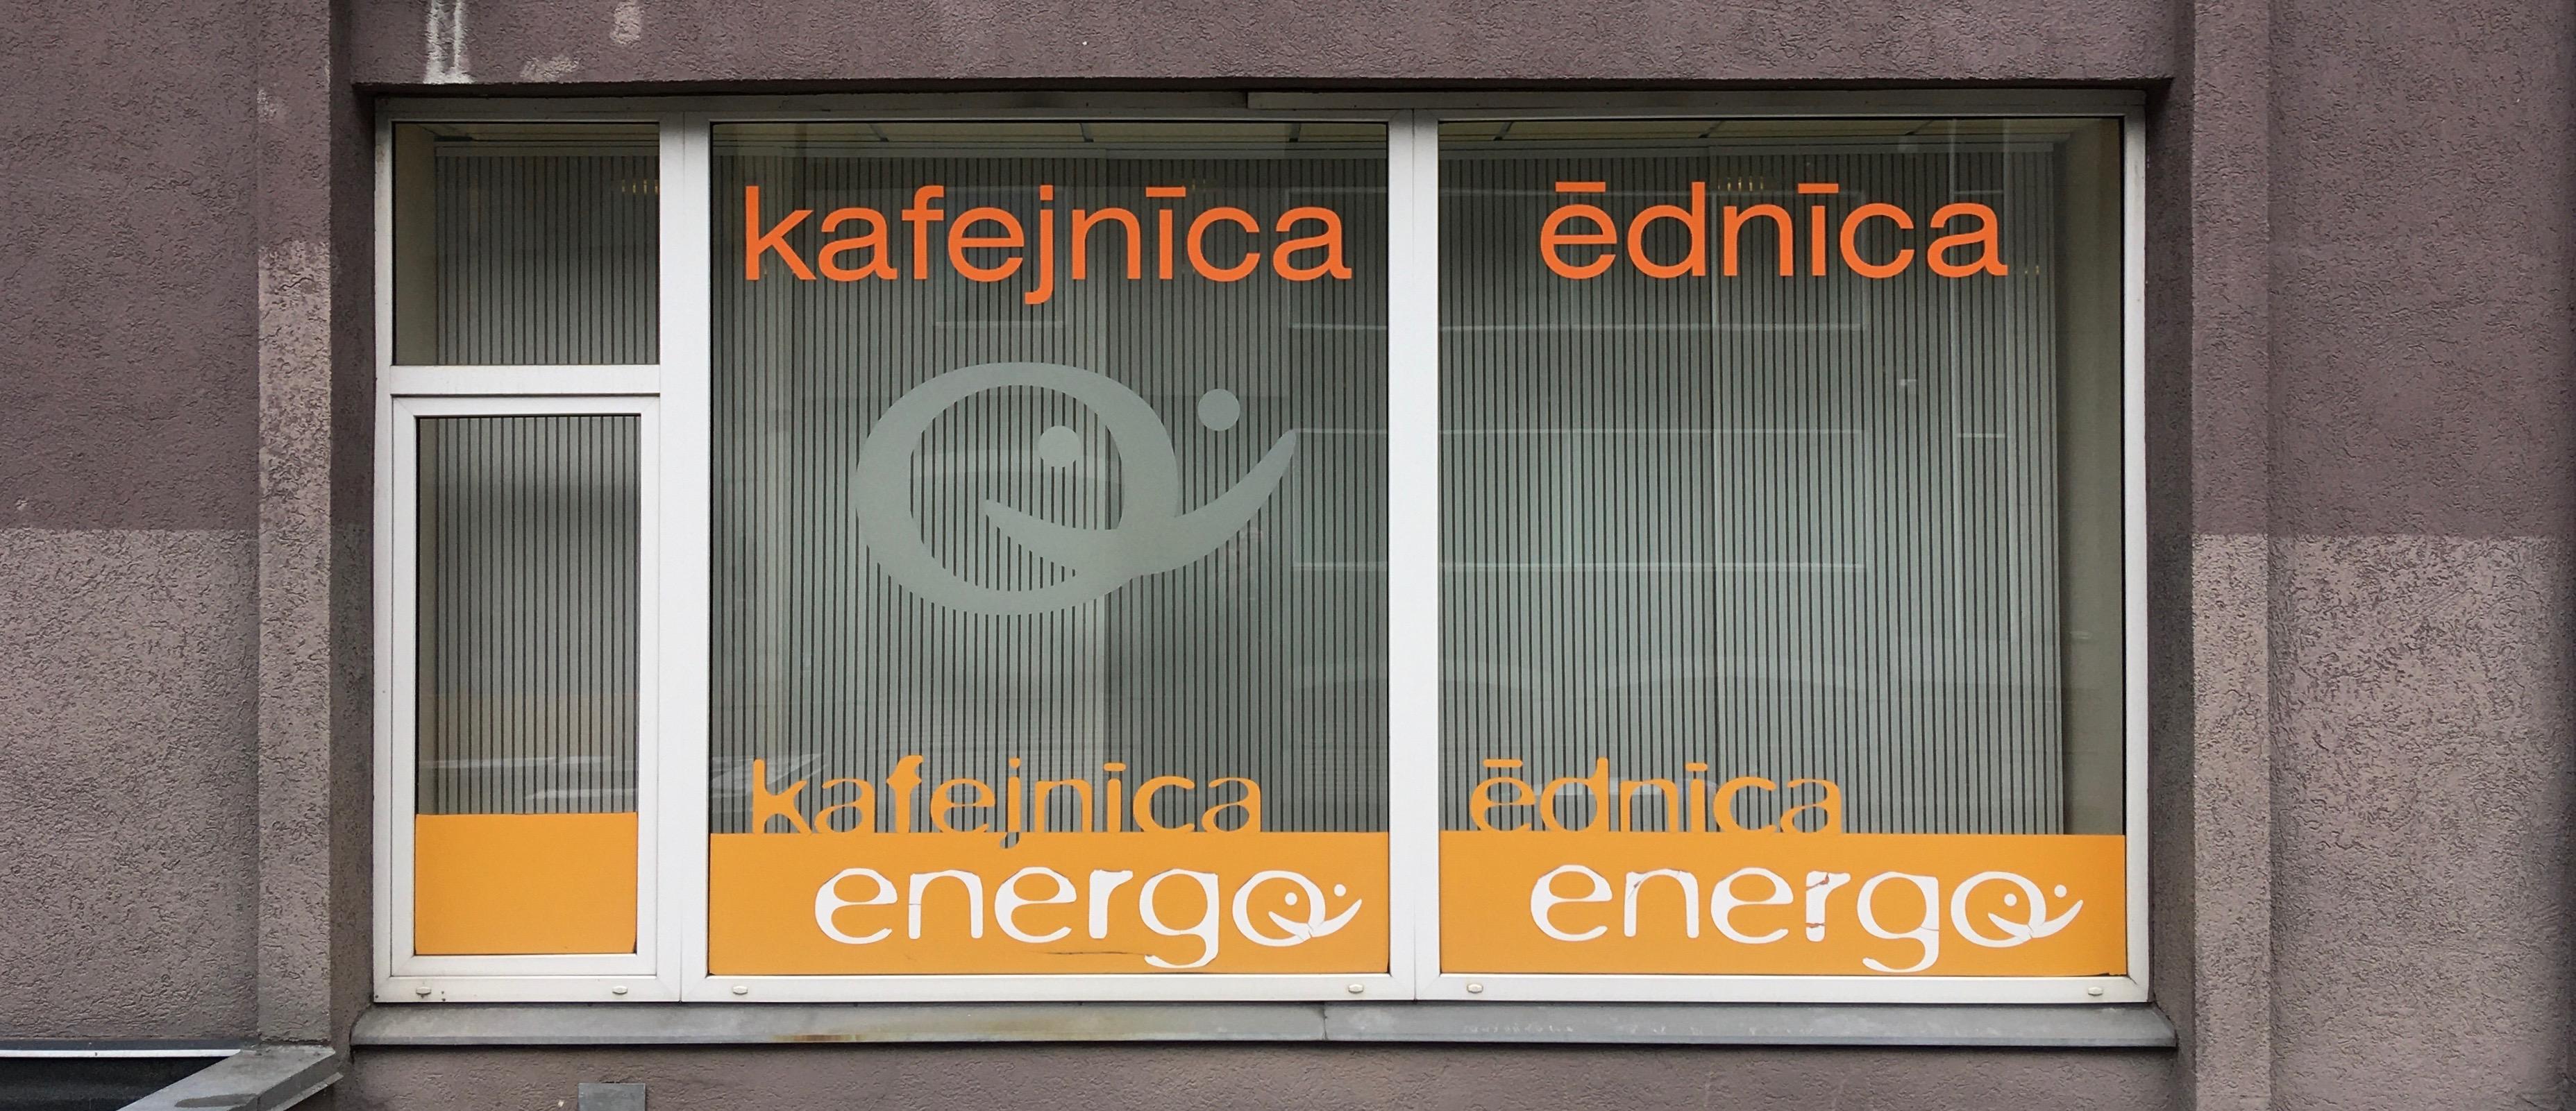 Energo kafejnica